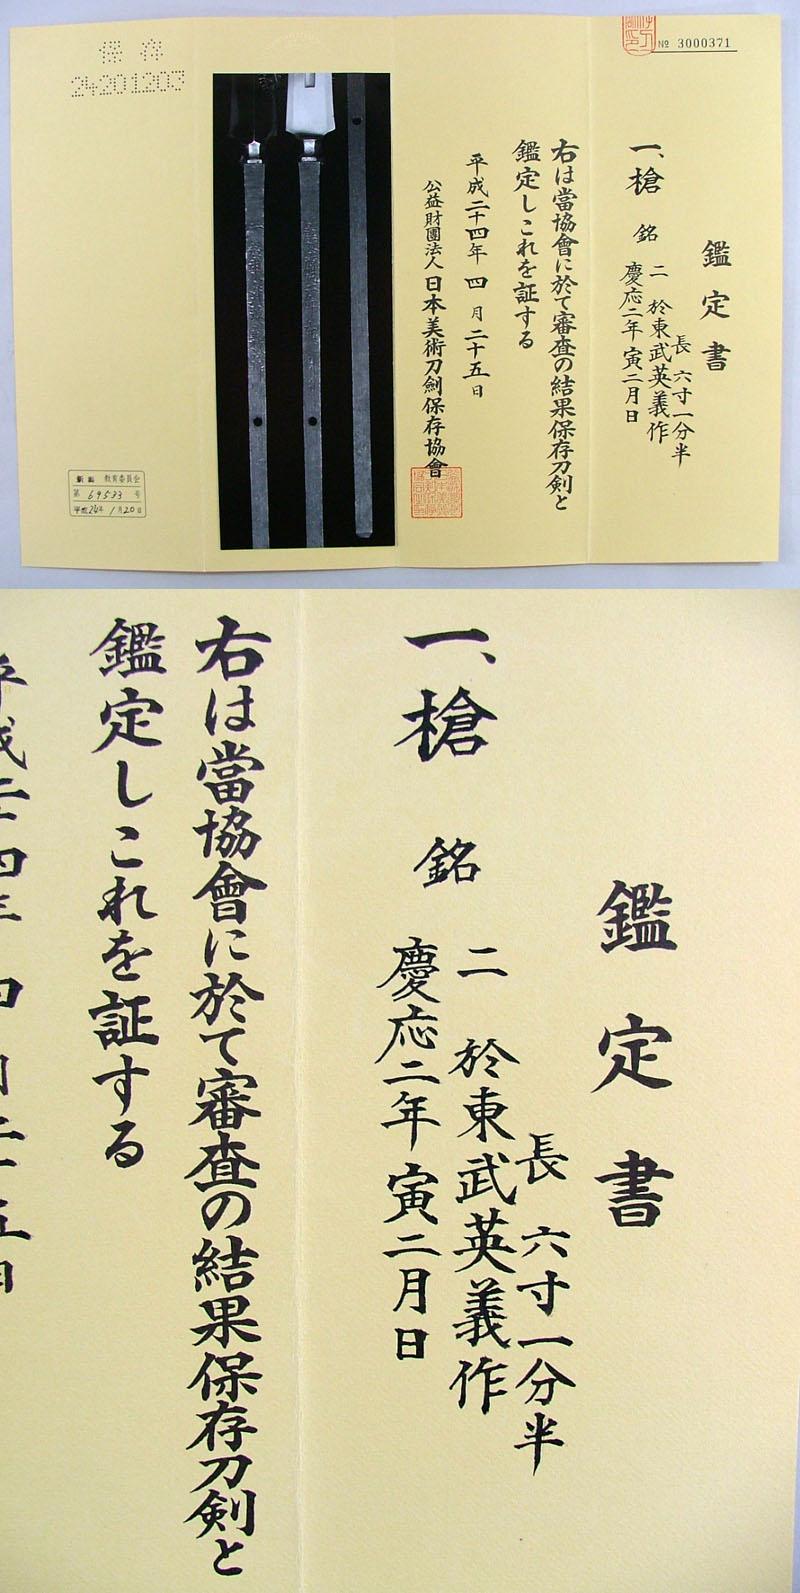 槍 ニ 於東武英義作 (武州藤枝太郎英義) Picture of Certificate